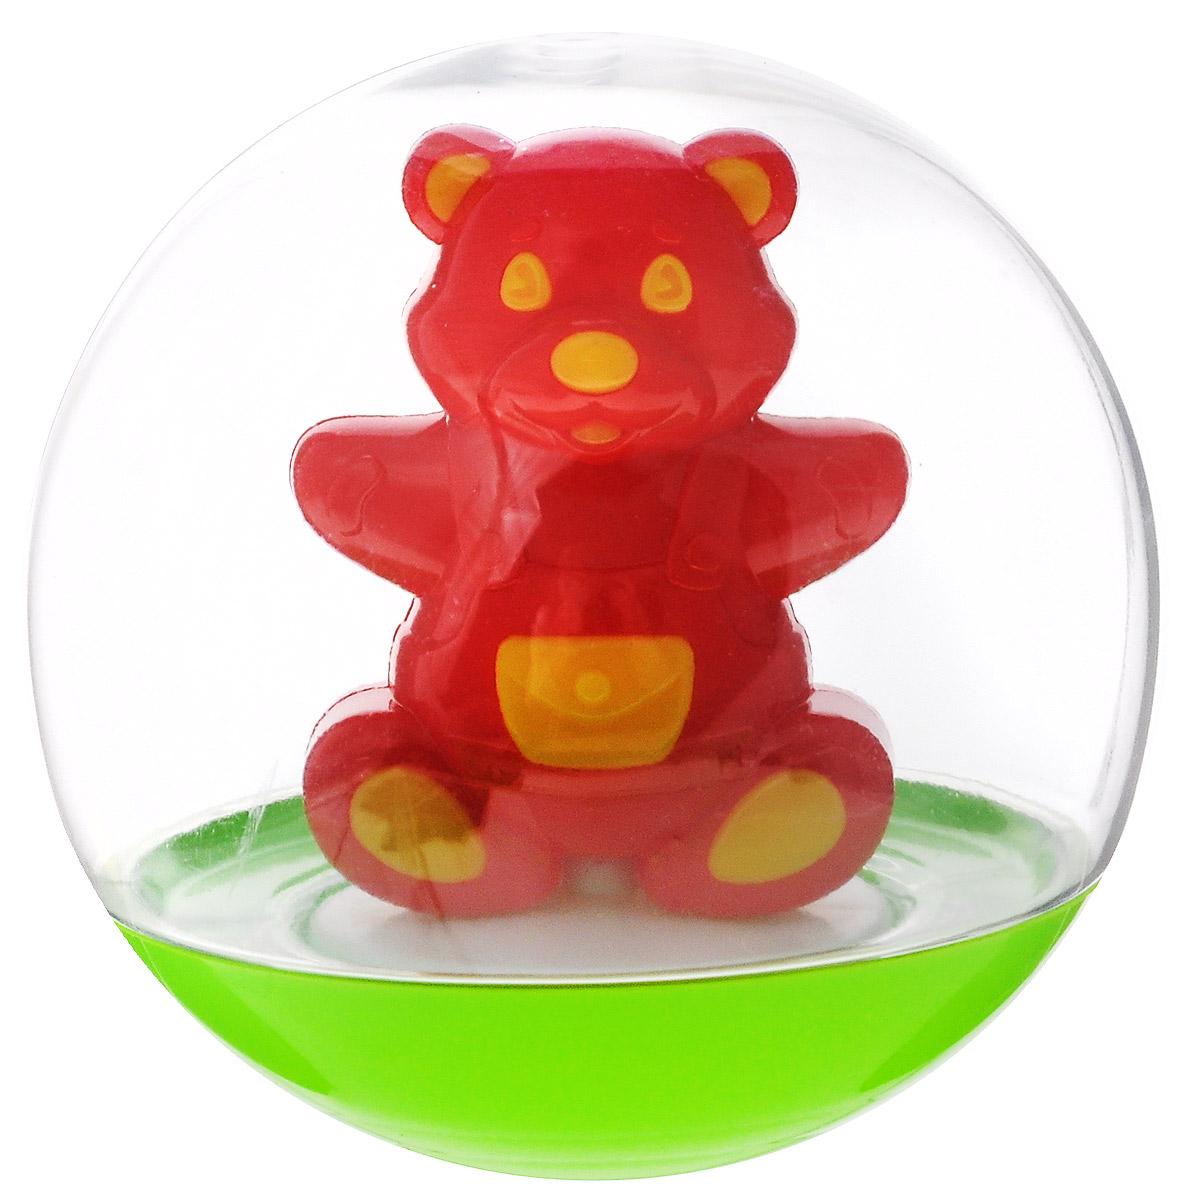 Stellar Погремушка-неваляшка Мишка цвет красный желтый1_красныйПогремушка-неваляшка Stellar Мишка не позволит скучать вашему малышу на улице, дома и во время водных процедур. Игрушка выполнена из пластика в виде симпатичного медвежонка в прозрачном шаре. Неваляшка забавно покачивается под приятный звук погремушки, развлекая малыша. Игра с неваляшкой способствует развитию мелкой моторики, координации, слуха и цветового восприятия.